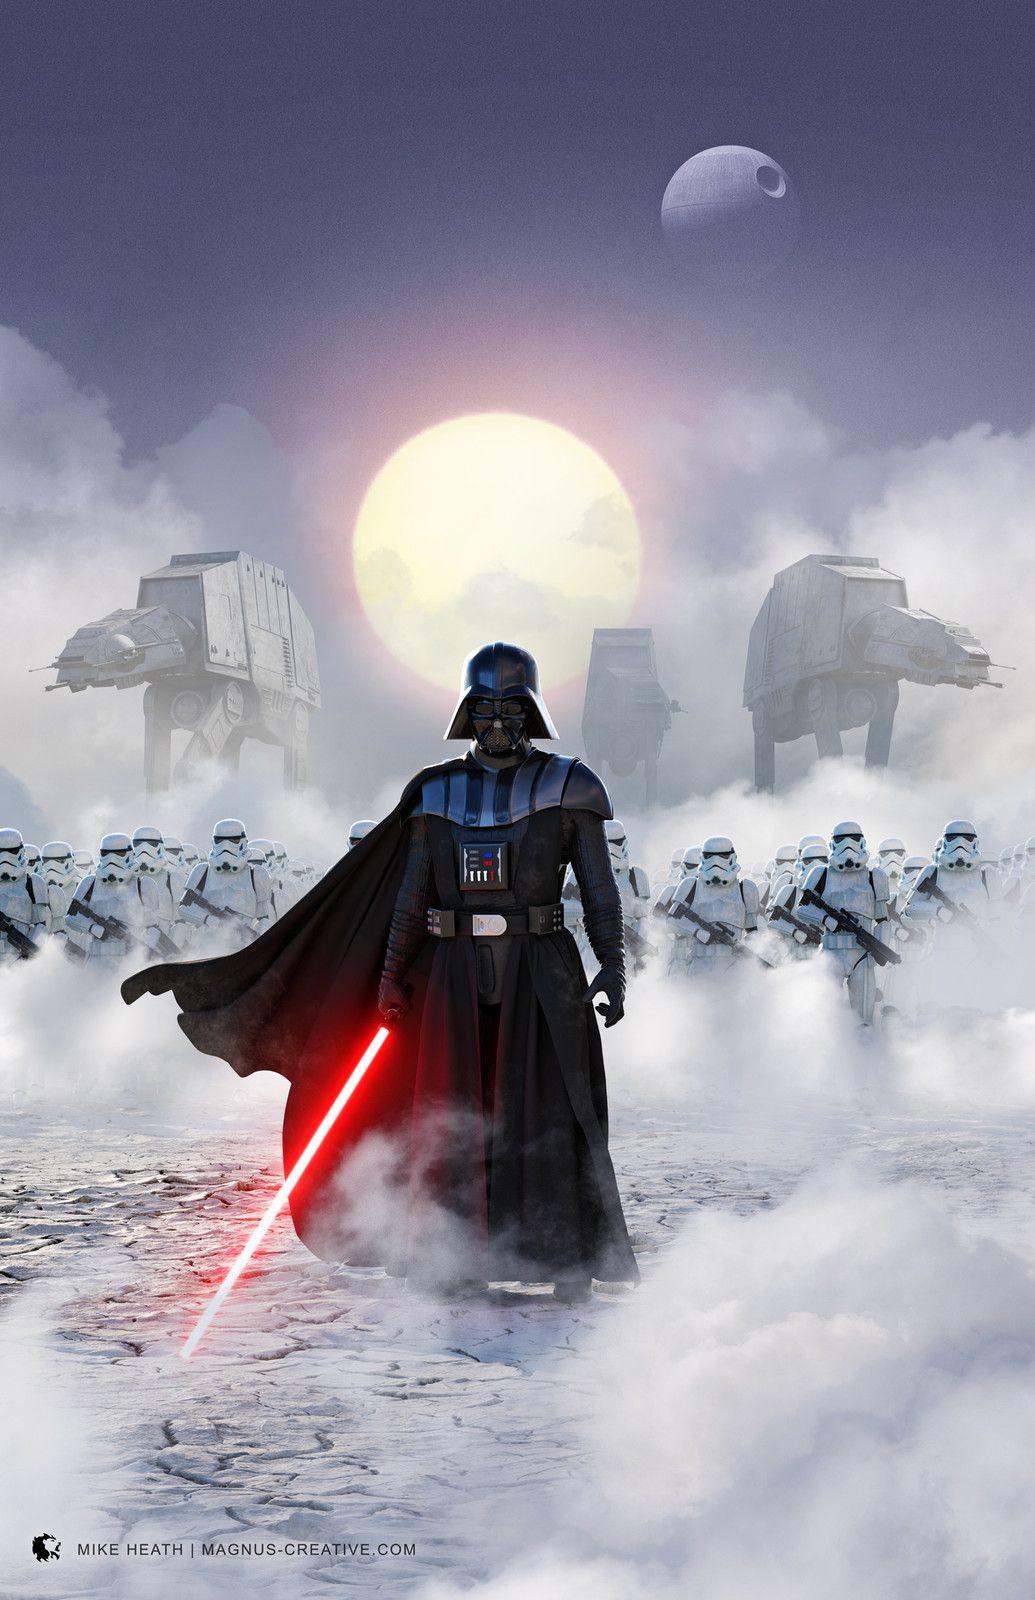 Pin By Hermione Elendil Skywalker On Star Wars Star Wars Pictures Star Wars Art Star Wars Wallpaper